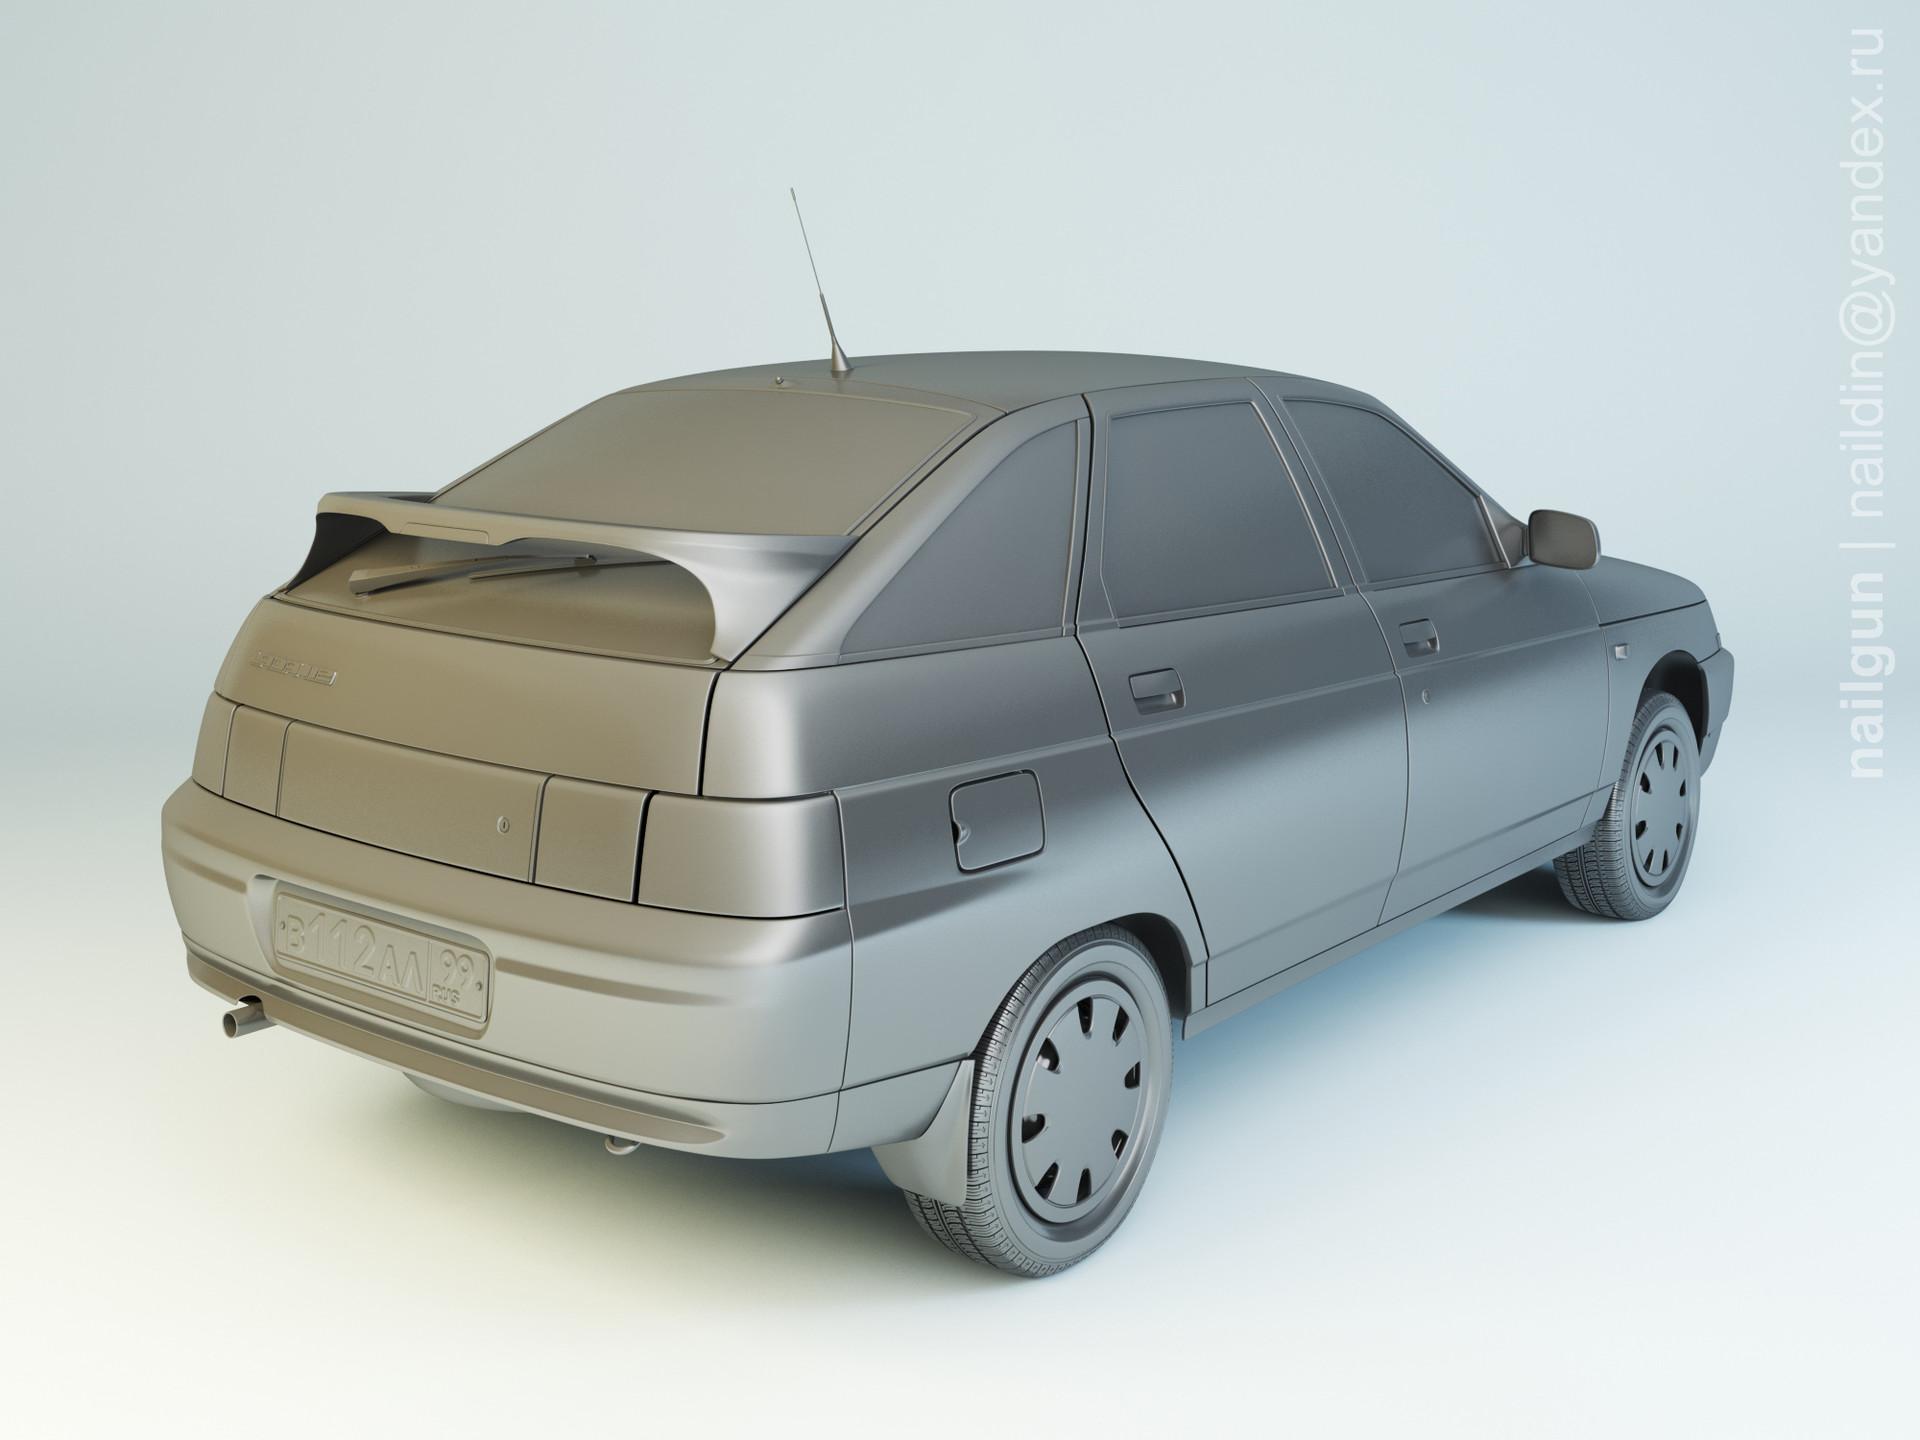 Nail khusnutdinov als 182 005 vaz 2112 modelling 1